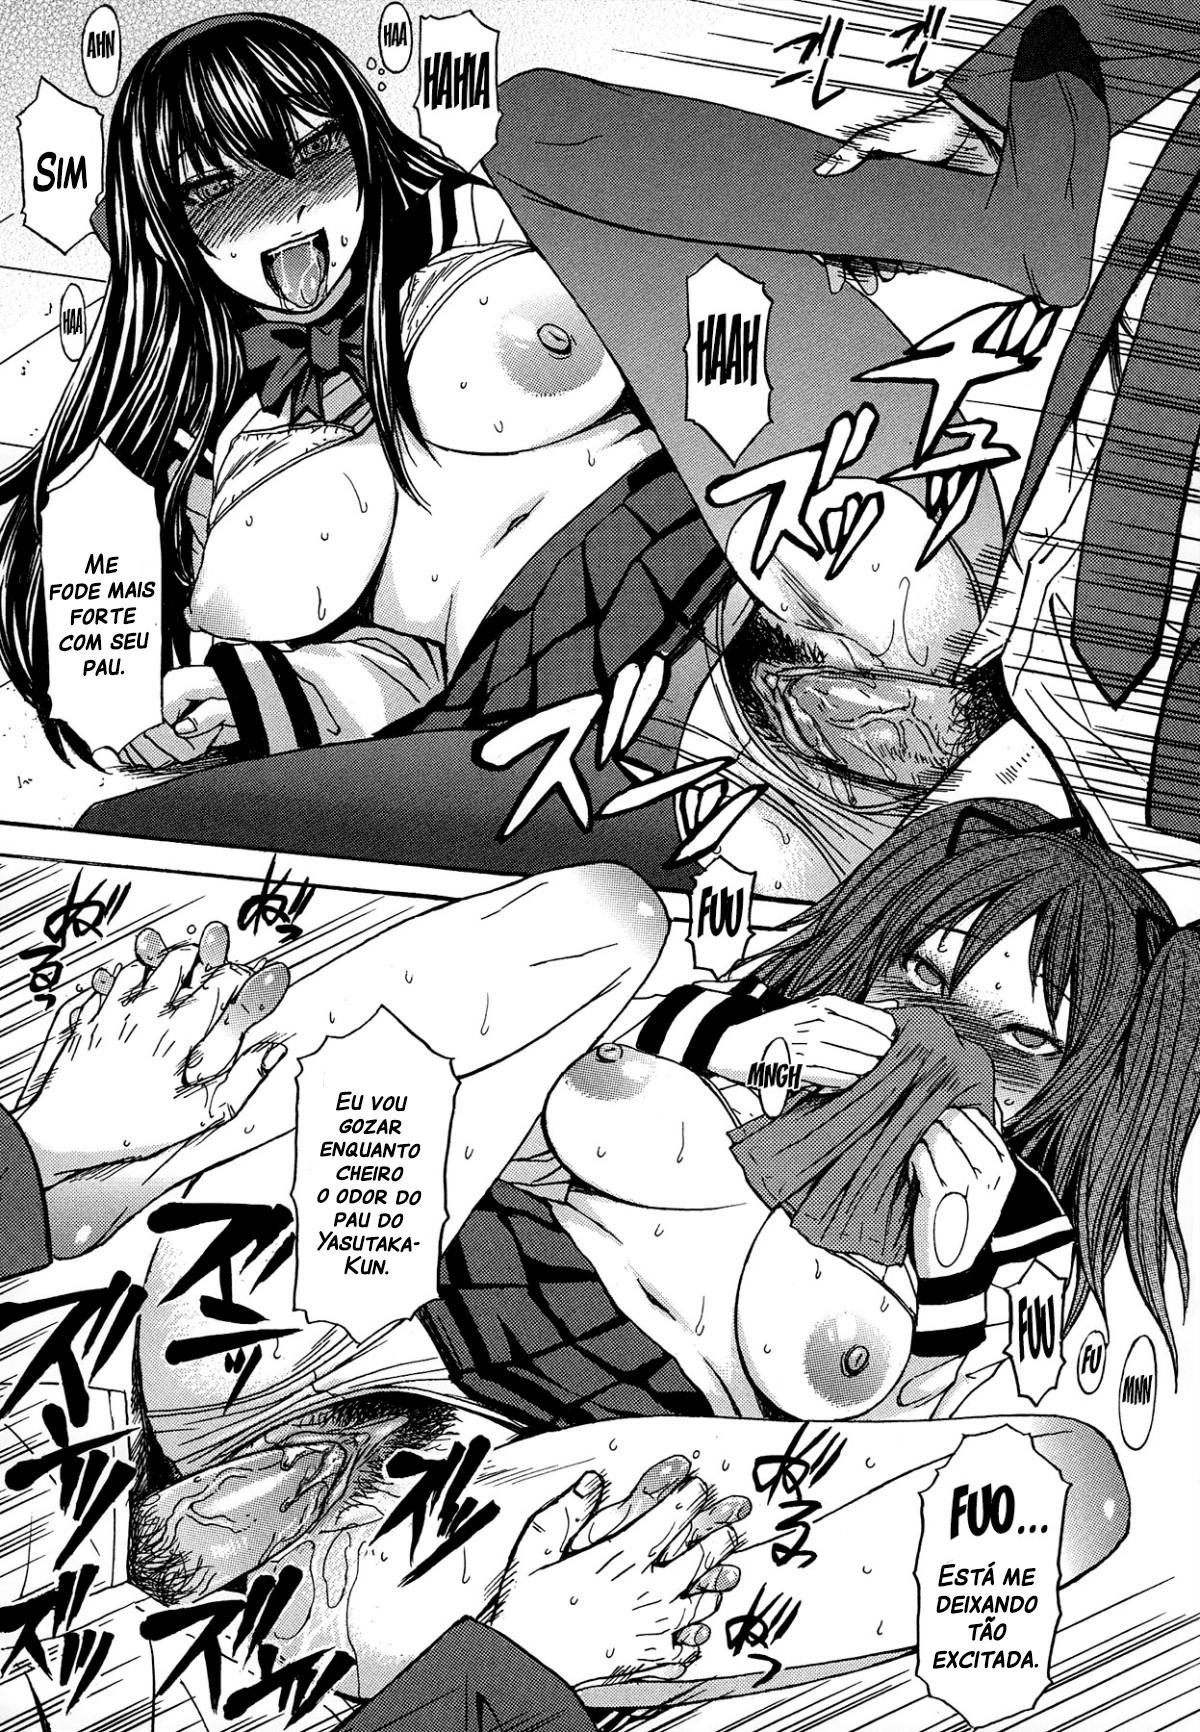 Ashigami Capitulo 6 - pagina 31